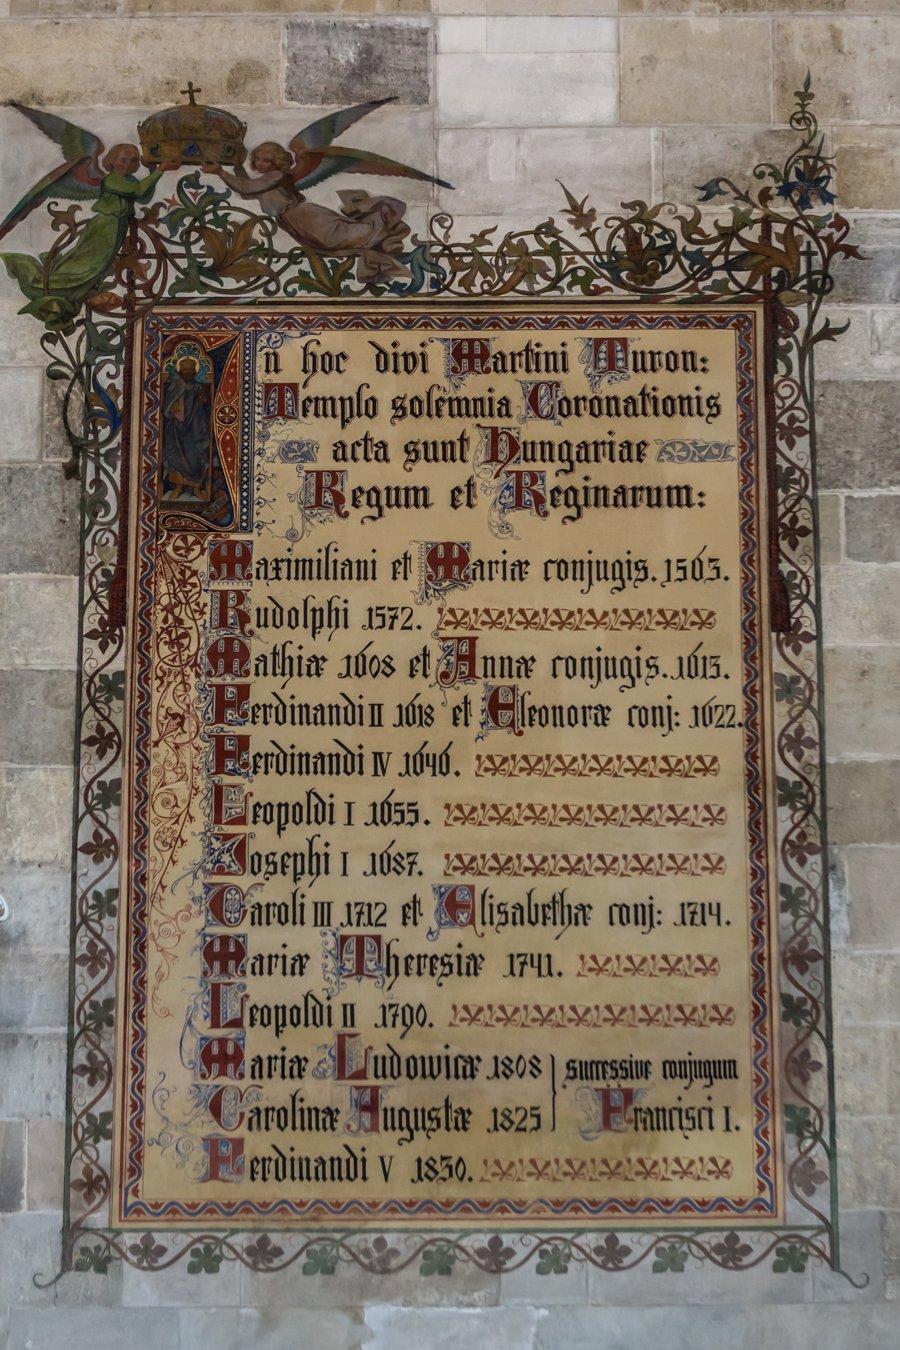 Na severnej stene presbytéria Dómu sv. Martina je z čias neogotickej úpravy maľovaný dekoratívny rám so zoznamom  jedenástich kráľov a šiestich kráľovien, ktorí tu boli korunovaní. Napriek historickej hodnote sú v zozname chyby a niektoré korunovácie chýbajú..